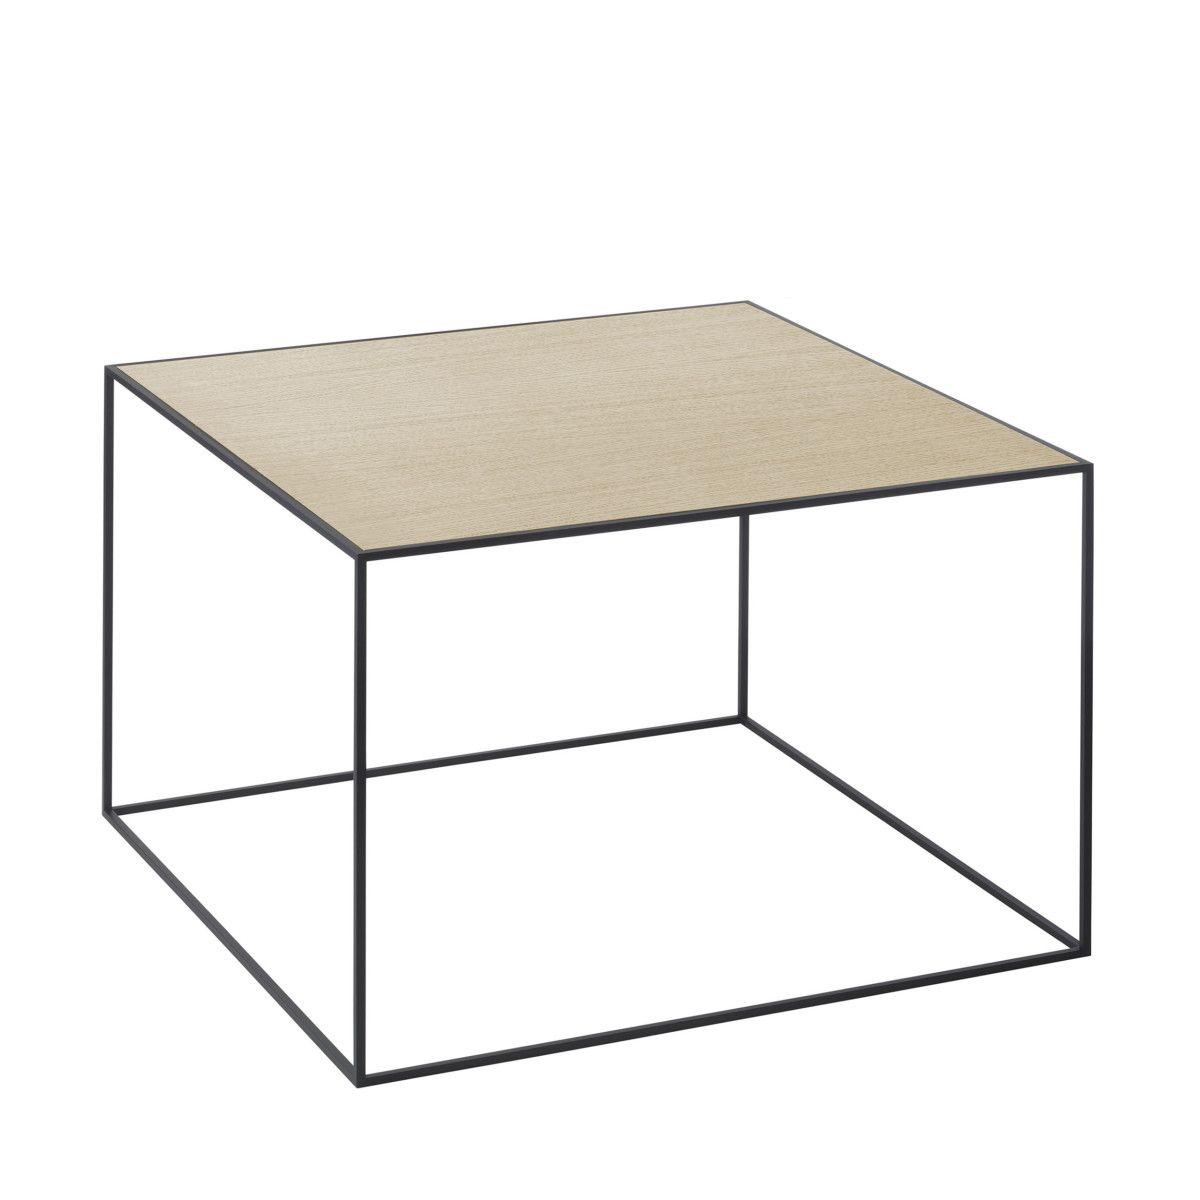 Twin Beistelltisch 49x49 Eiche Weiss Jetzt Bestellen Unter Https Moebel Ladendirekt De Wohnzimmer Tische Beistelltische Beistelltische Tisch Beistelltisch